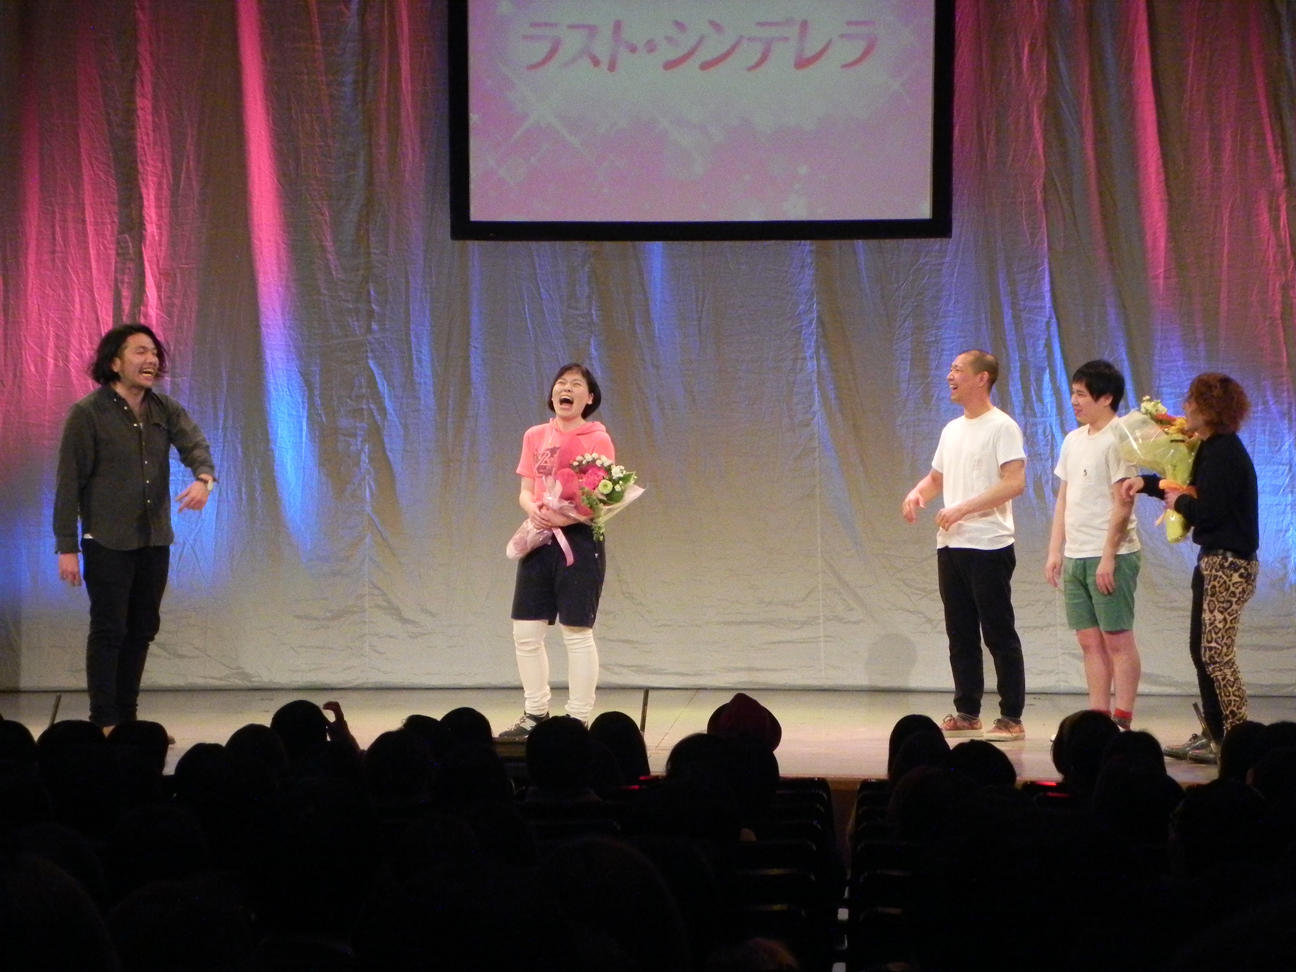 http://news.yoshimoto.co.jp/20170220220259-b34b124a5a4320b8765b8c9932ff7140c087f3dd.jpg